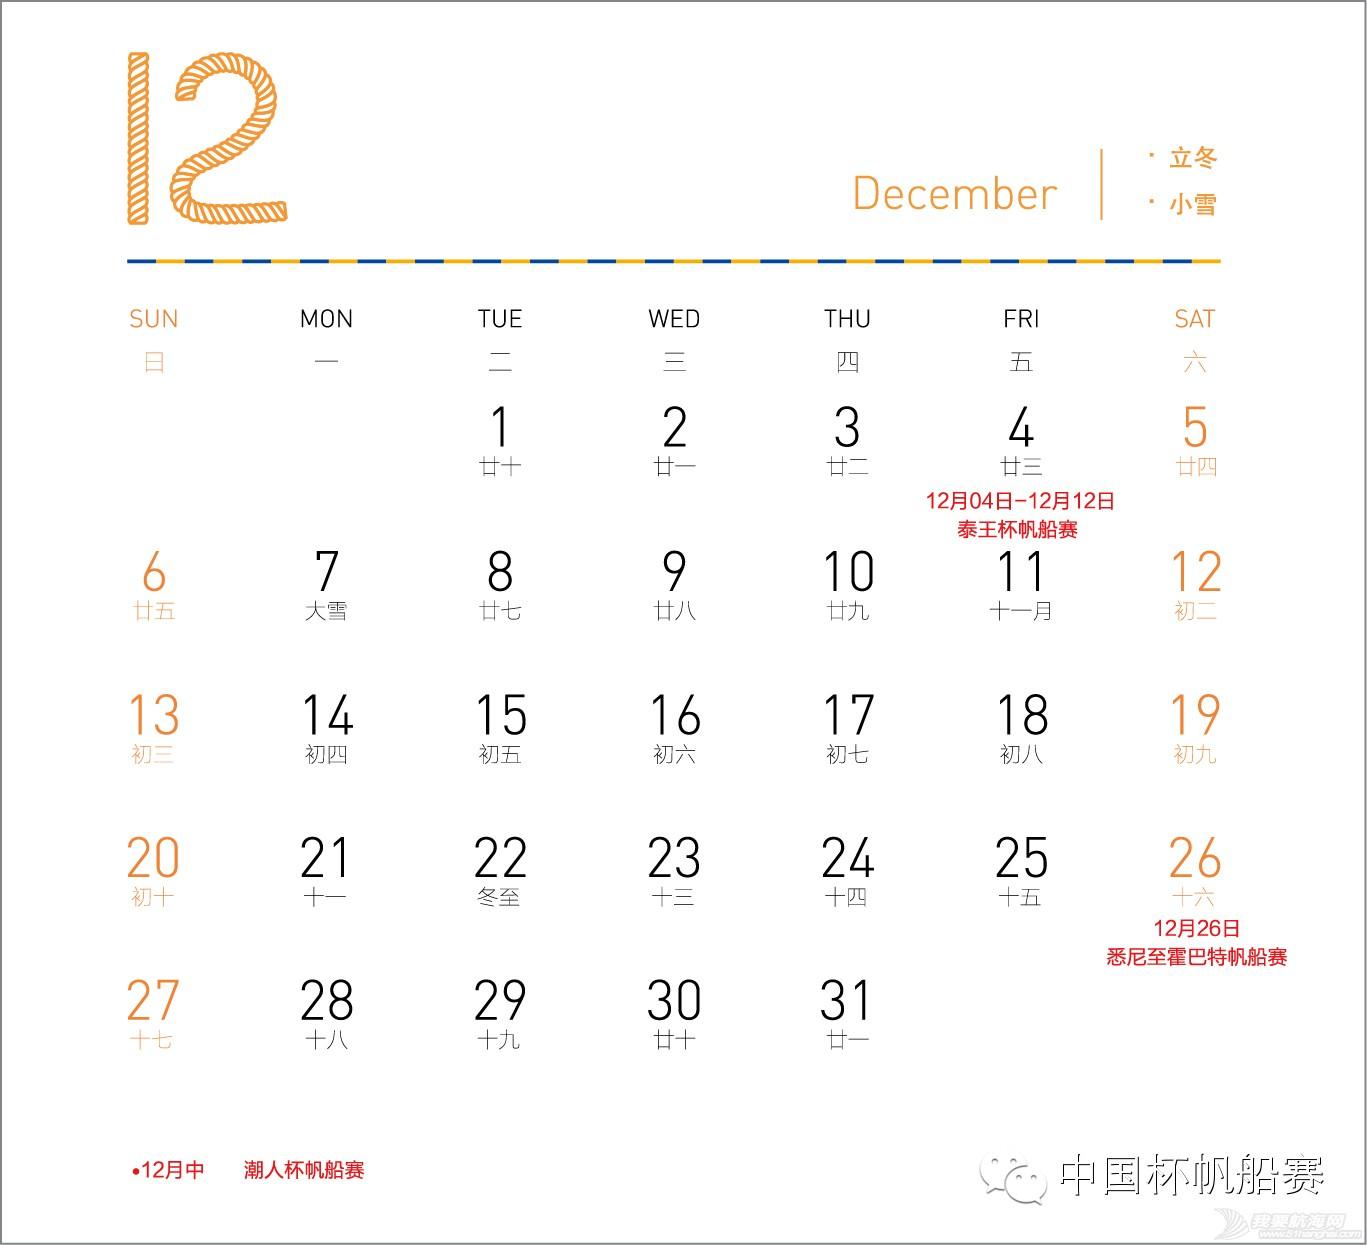 完整版,图片,中国,帆船,国际 2015年国际帆船赛历 b85267e9986284ca247f2eb36cc2339c.jpg